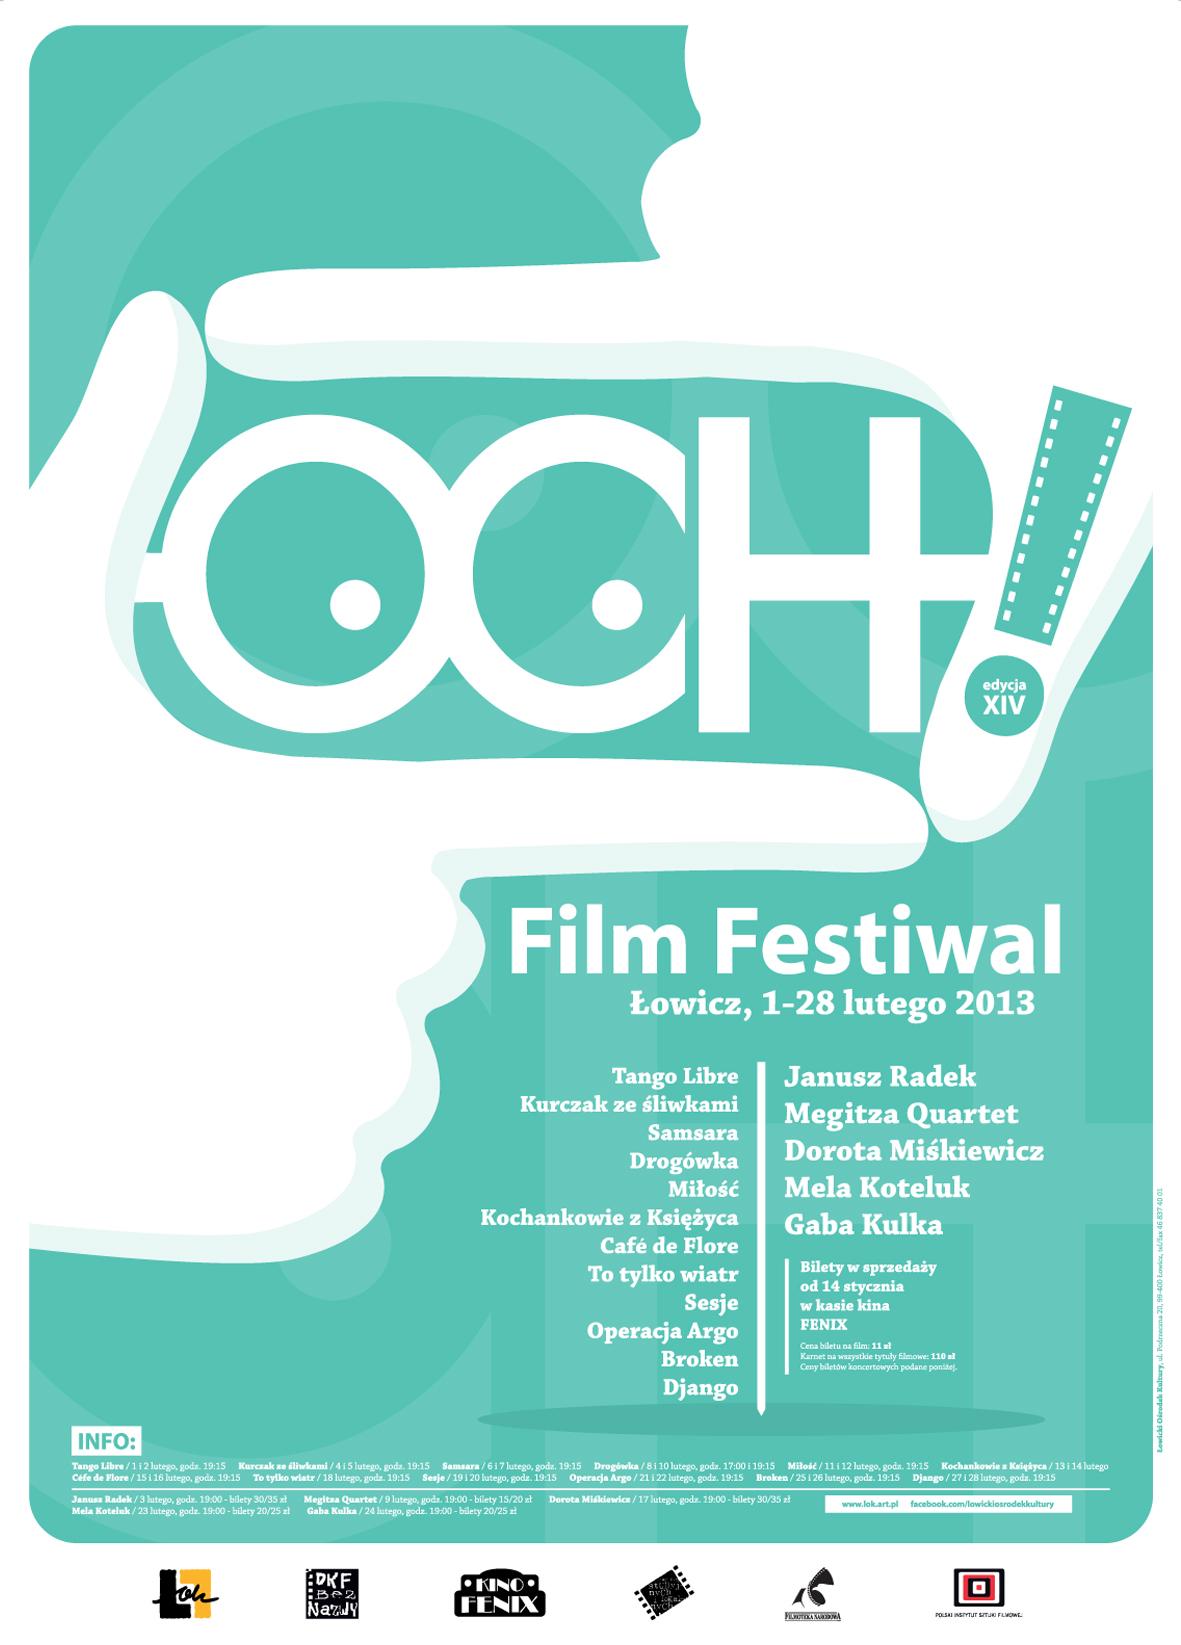 OCH! Film Festiwal 2013